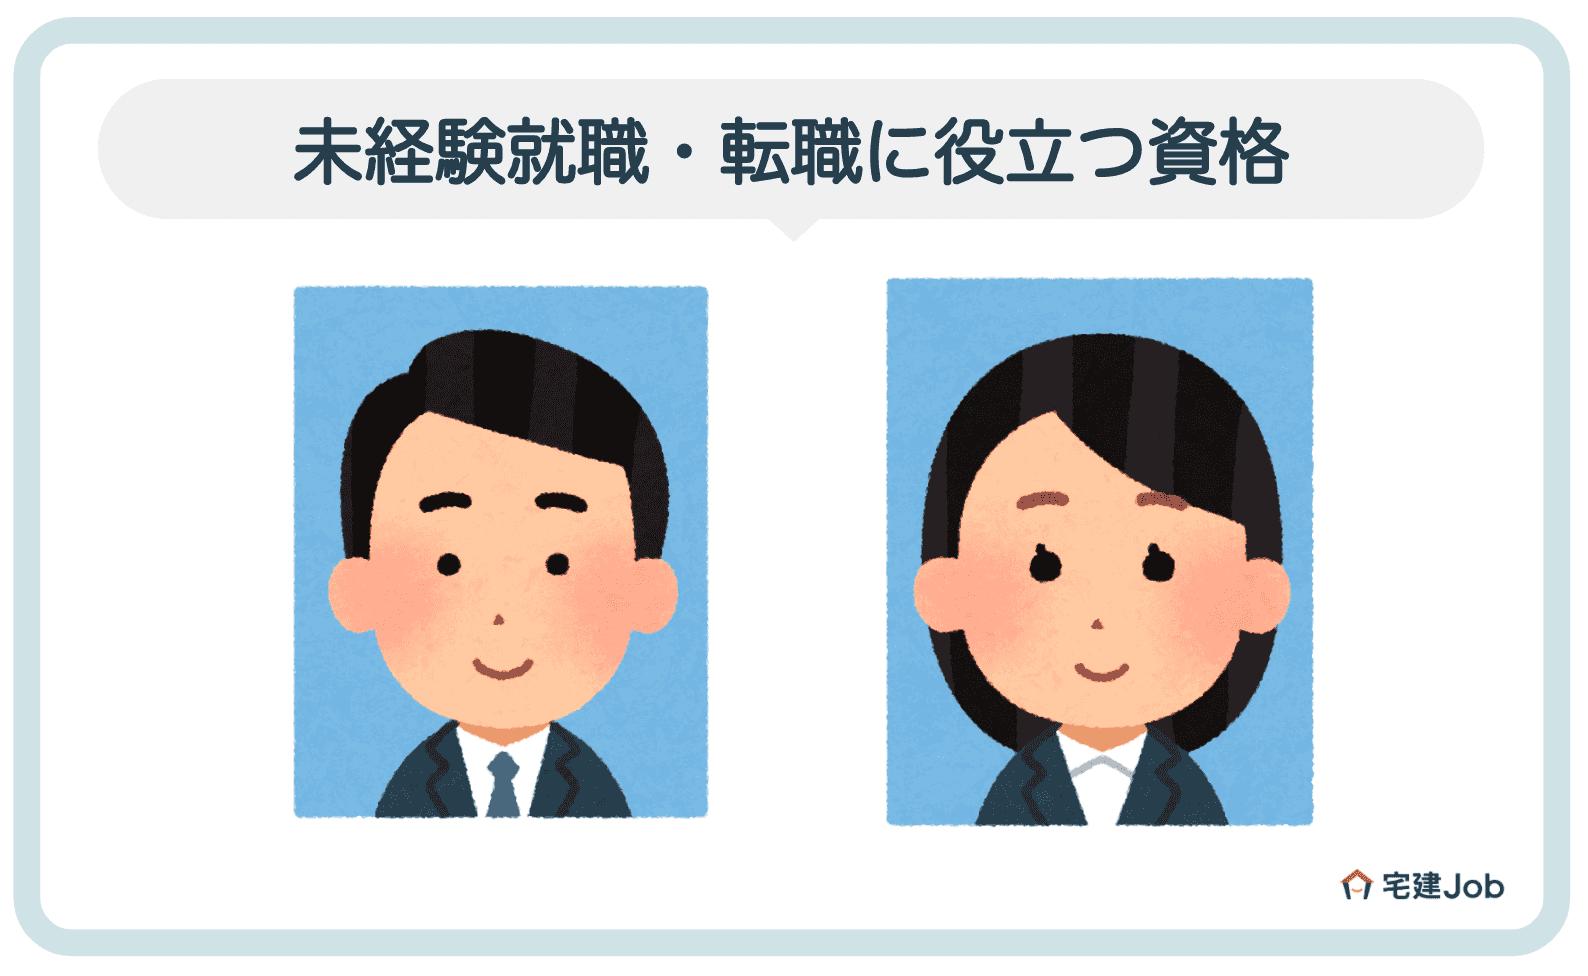 3.不動産事務の未経験就職・転職に役立つ資格